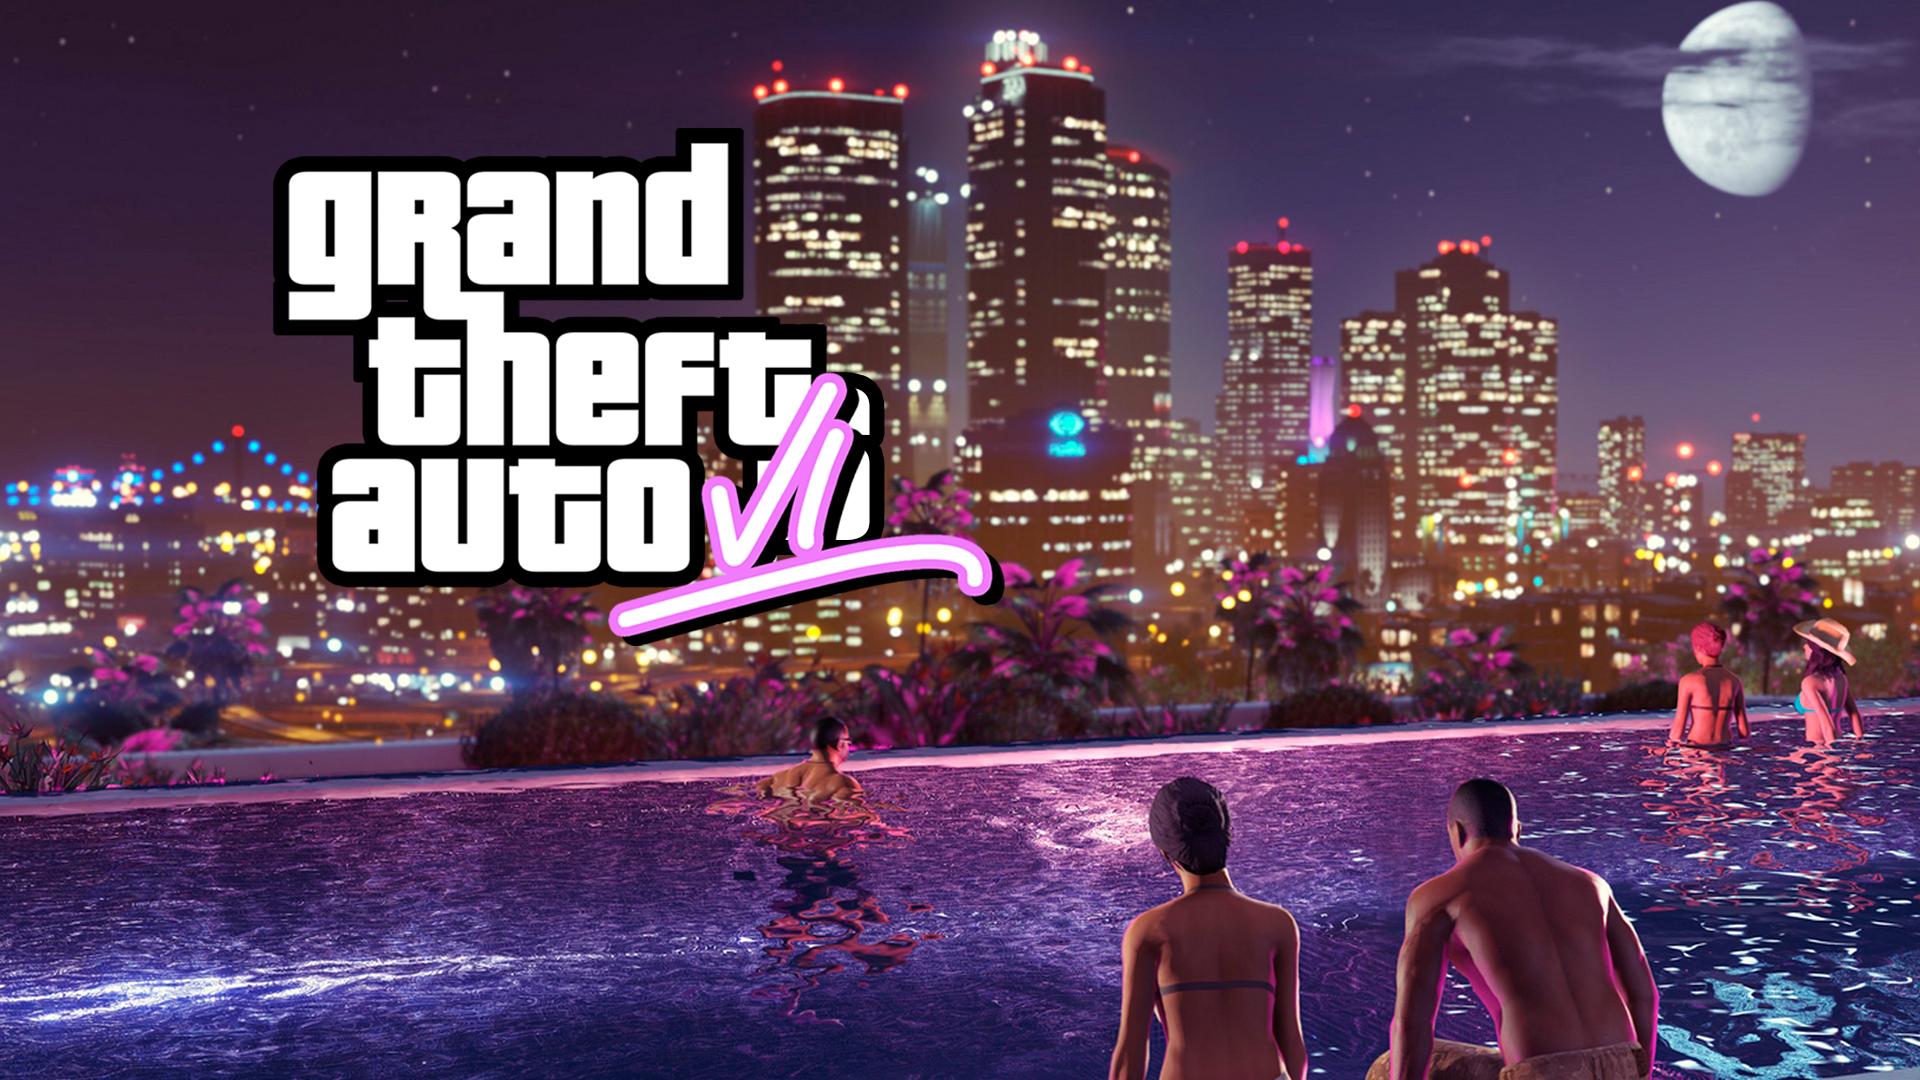 A Rockstar Games pode ter provocado os jogadores com um suposto anúncio de GTA 6, em formato de teaser, depois de um comunicado comemorando uma temporada com record de usuários em Grand Theft Auto Online e Red Dead Online.